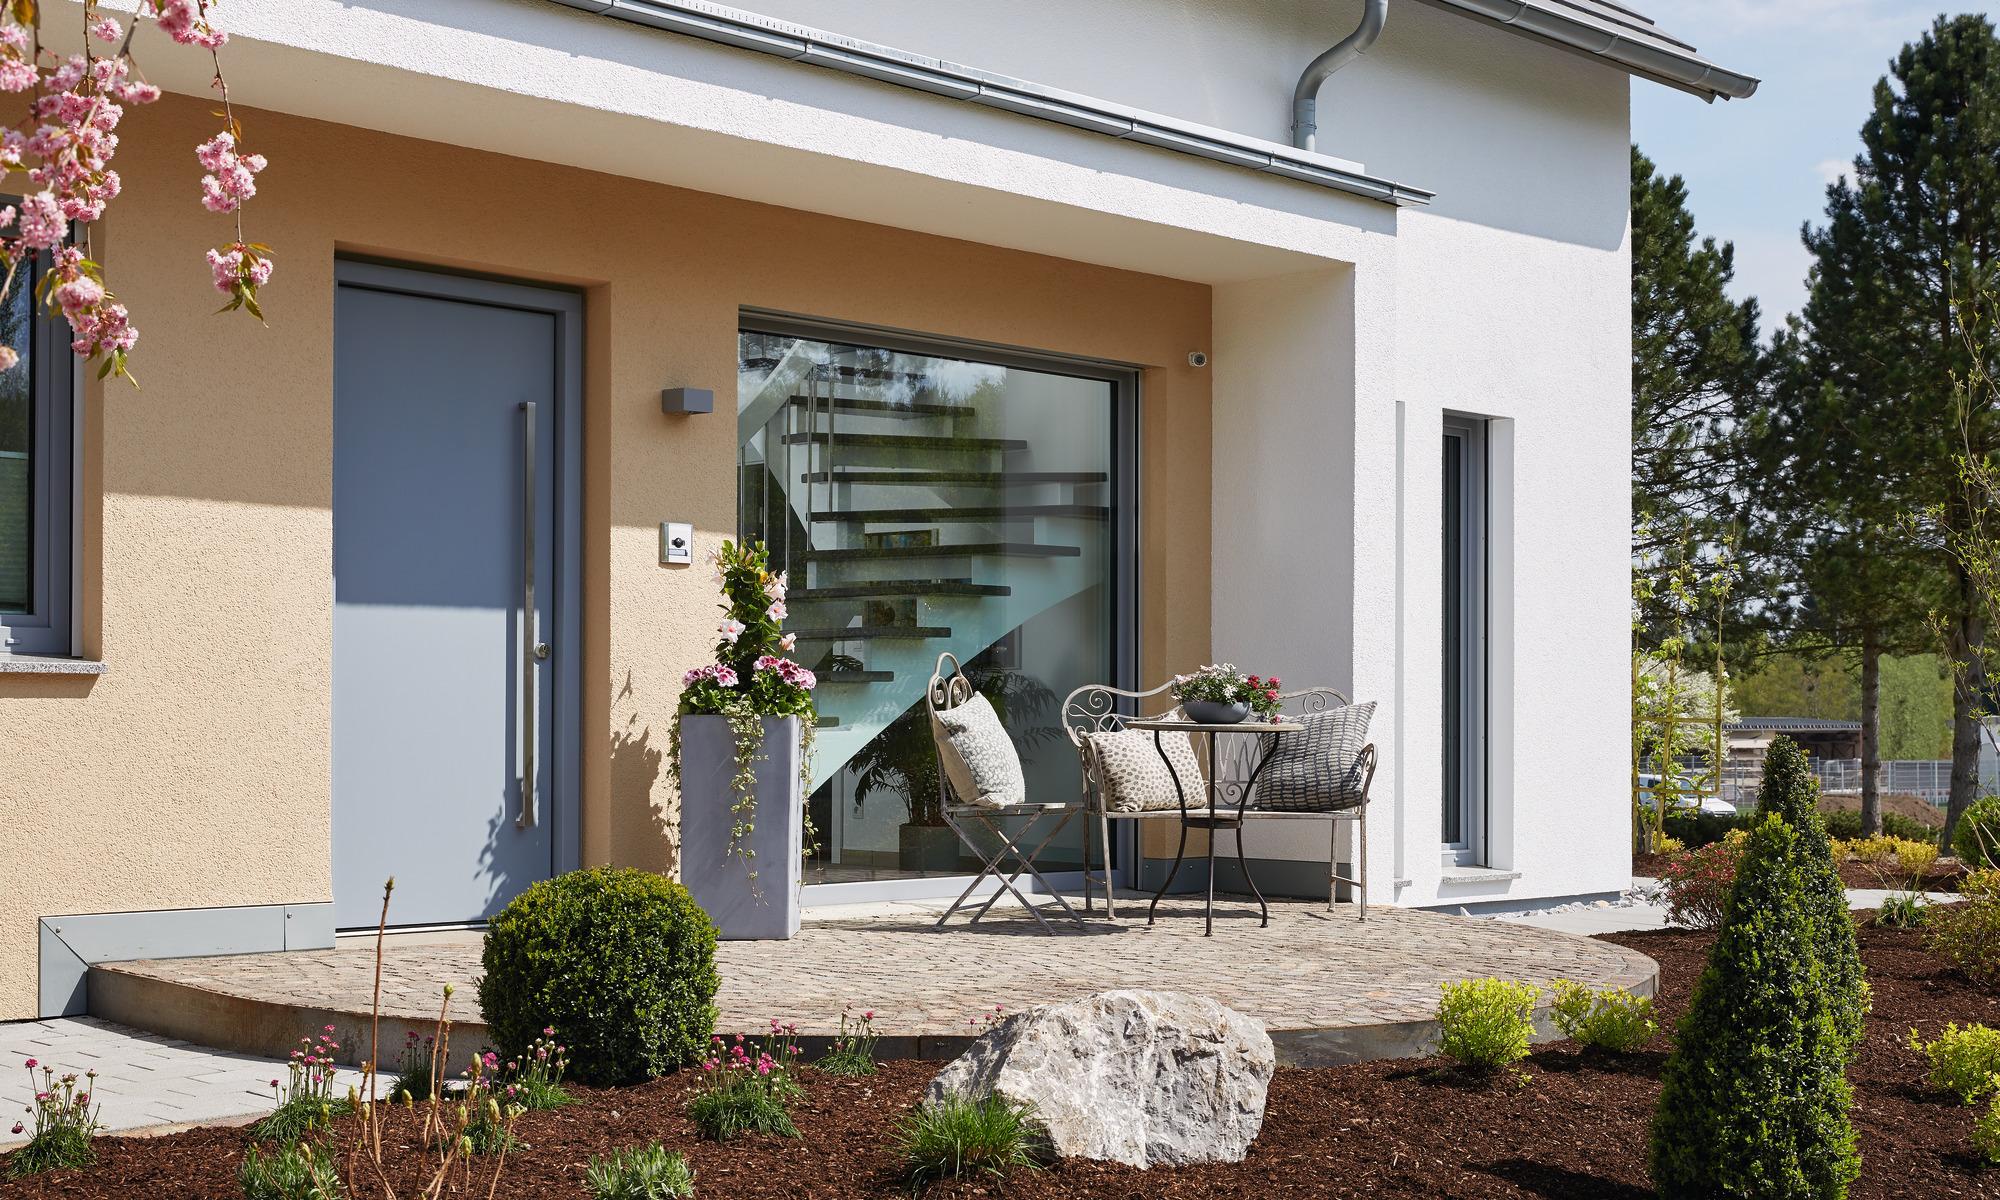 Hauseingang mit großem Fensterelement